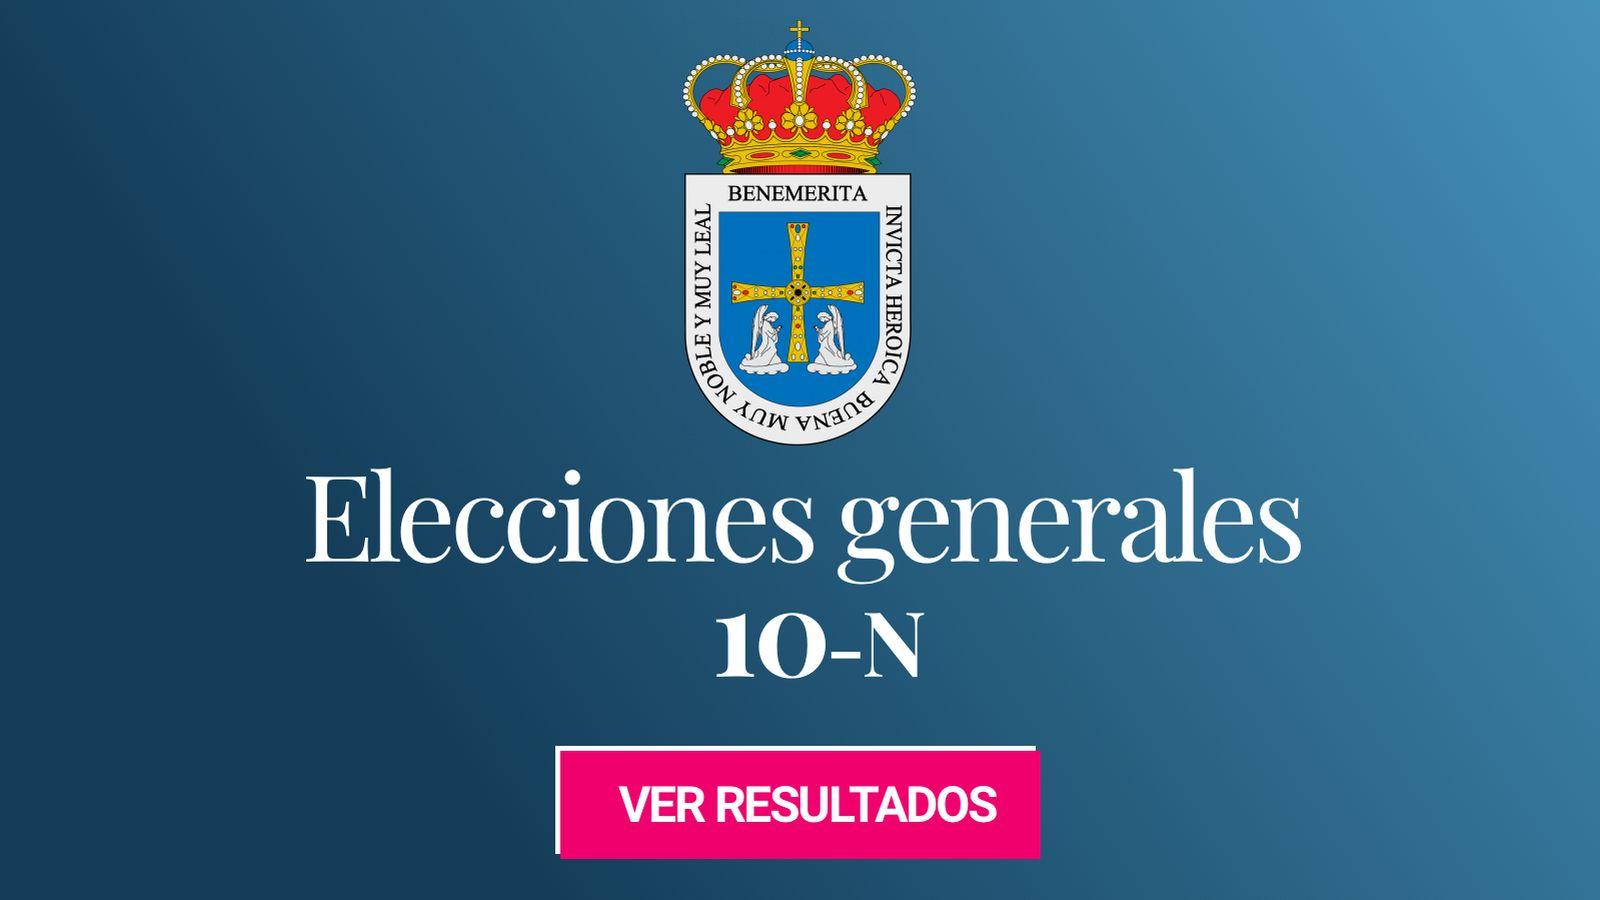 Foto: Elecciones generales 2019 en Oviedo. (C.C./EC)